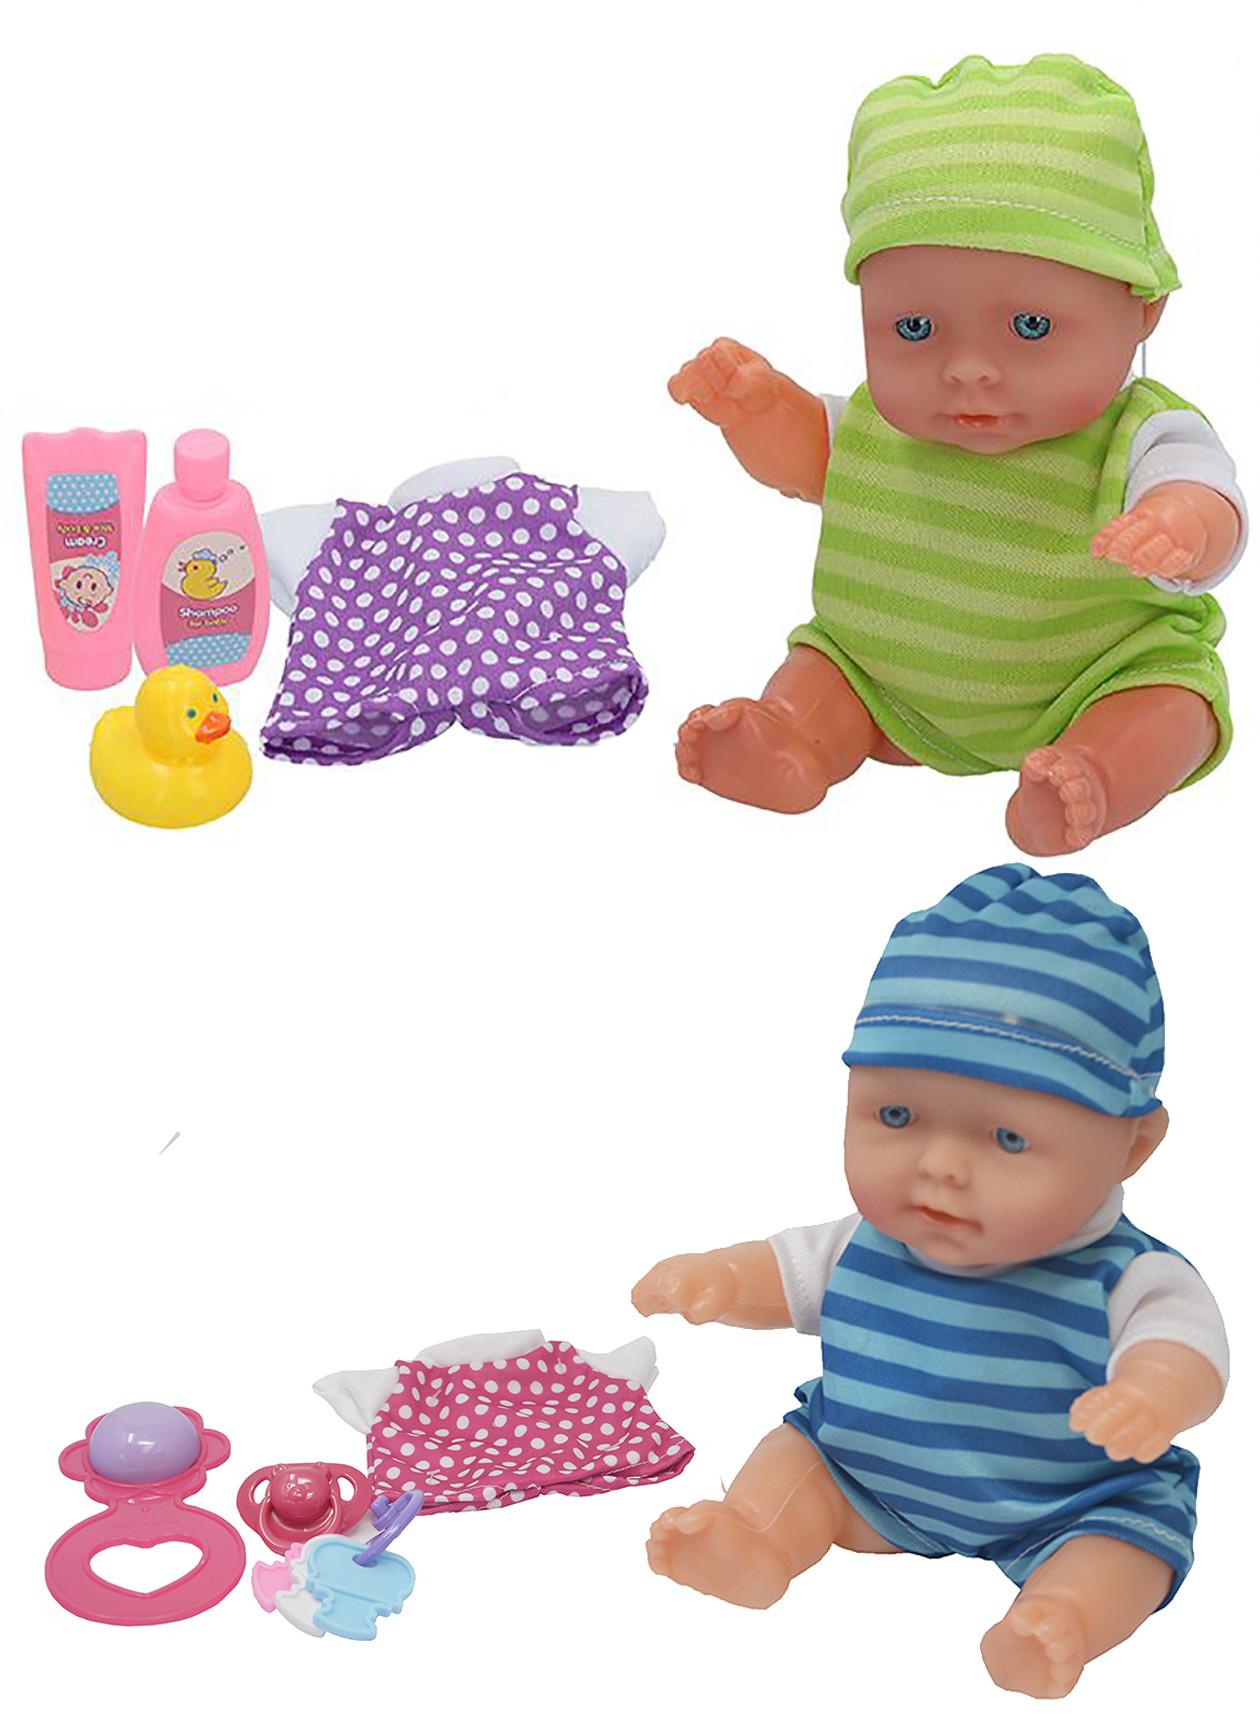 Muñeco Bebé recien Nacido de Juguete para niños, Muñeco Articulado 20cm Bebé con pijama infantil.